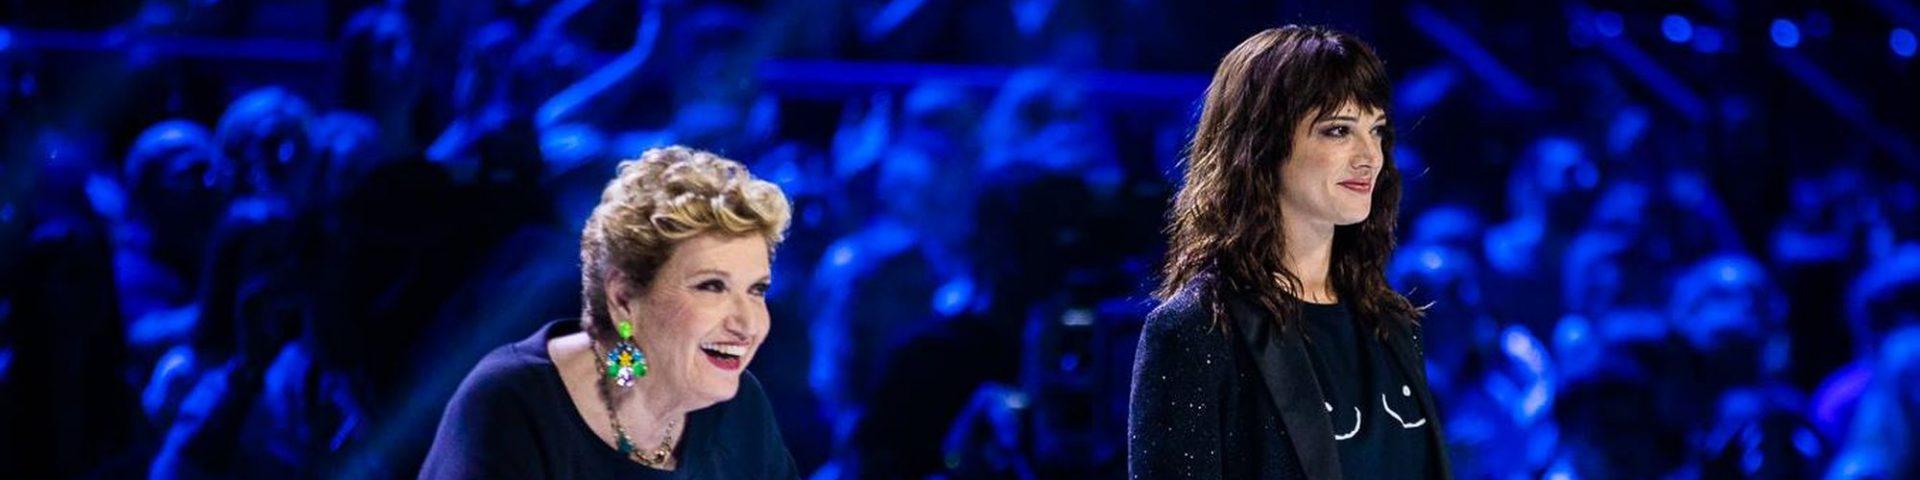 X Factor 12: seconda parte di Bootcamp con Mara Maionchi e Asia Argento